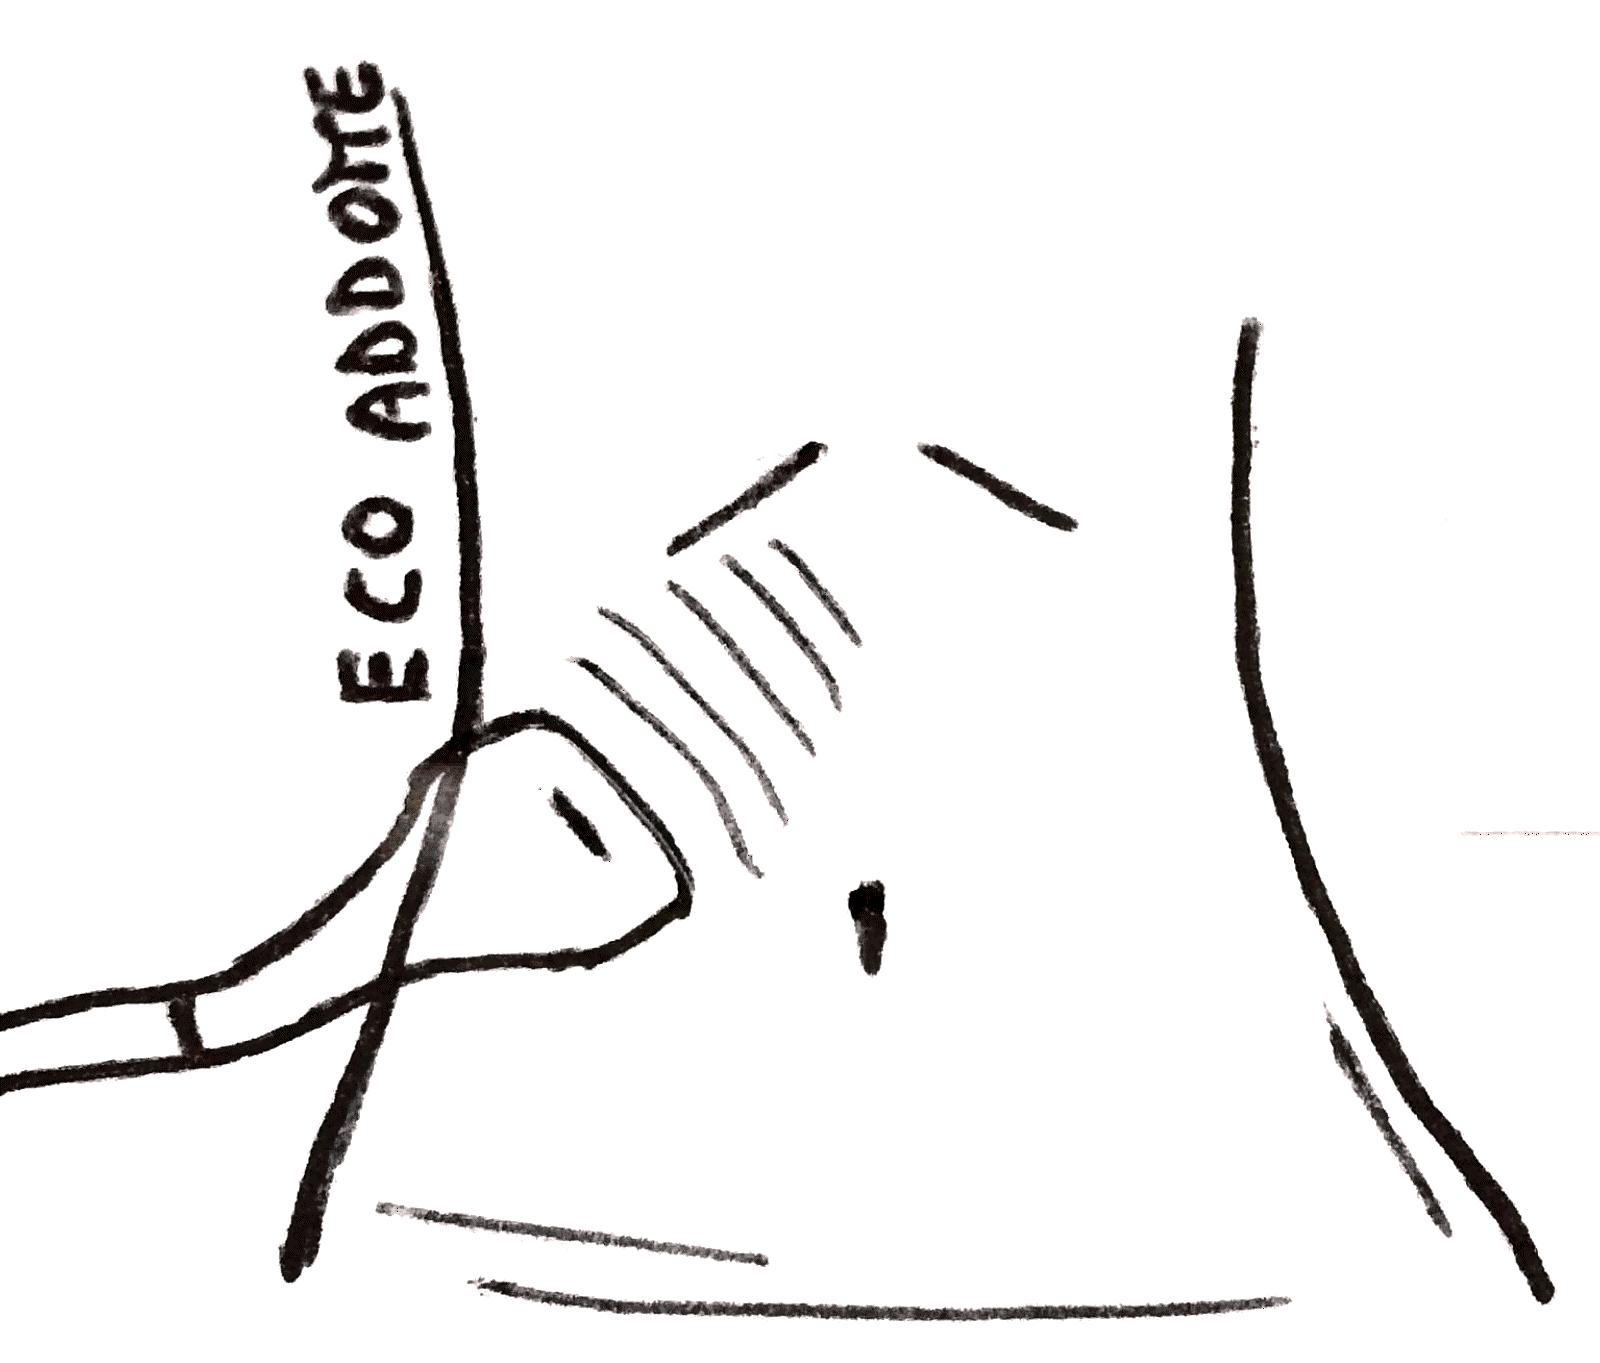 Ecografia addominale - condotta di un esame